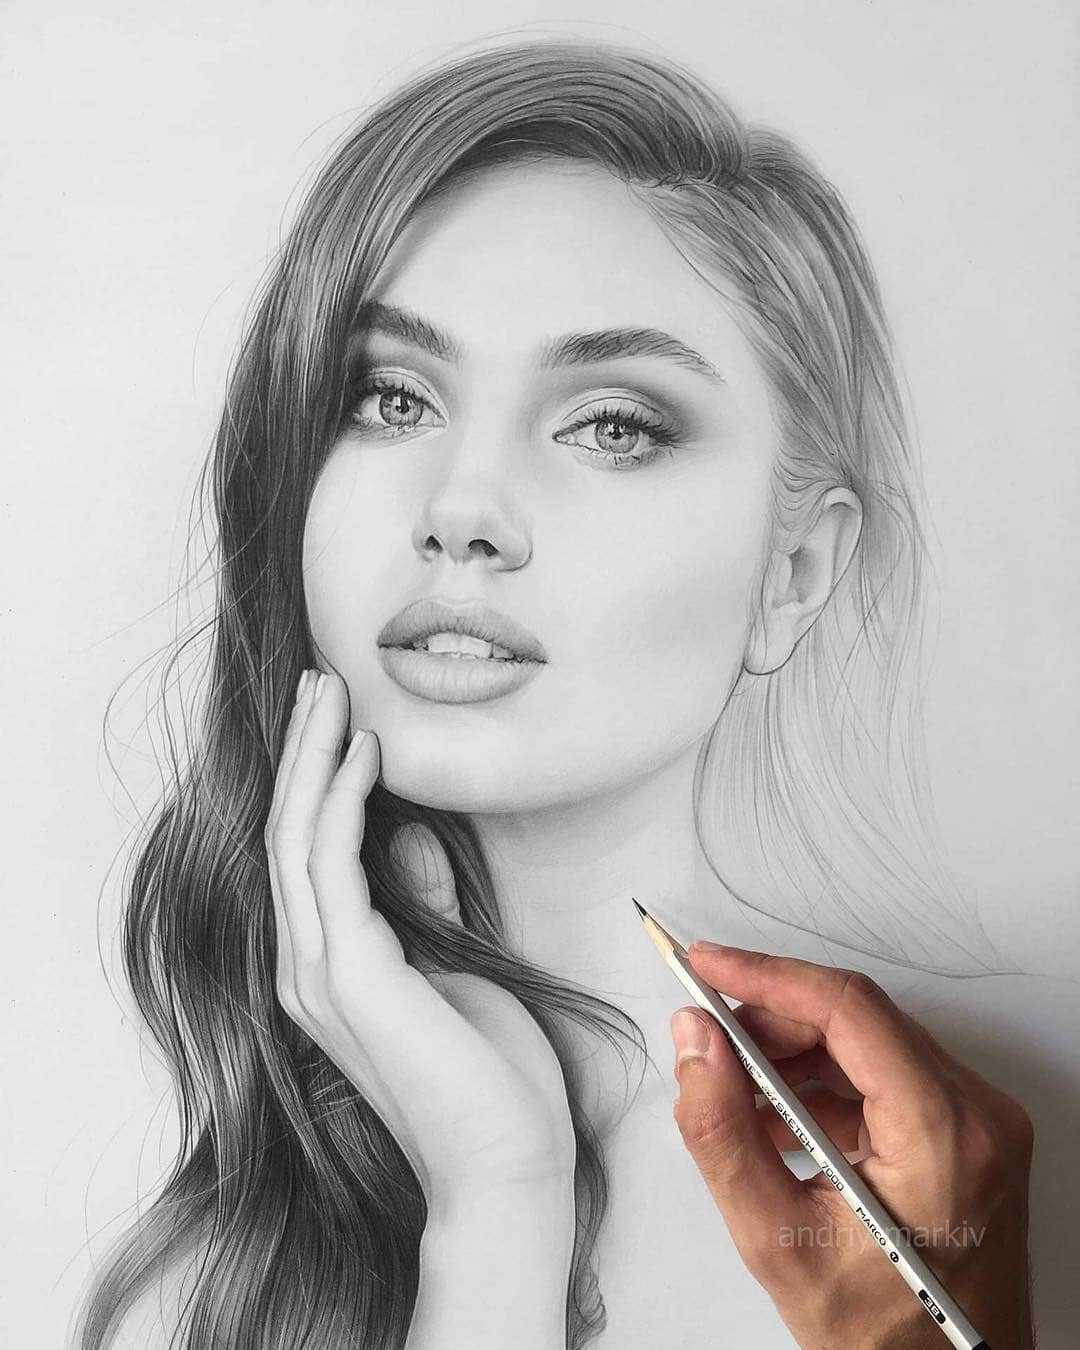 عکس نقاشی دختر زیبا با سیاه قلم